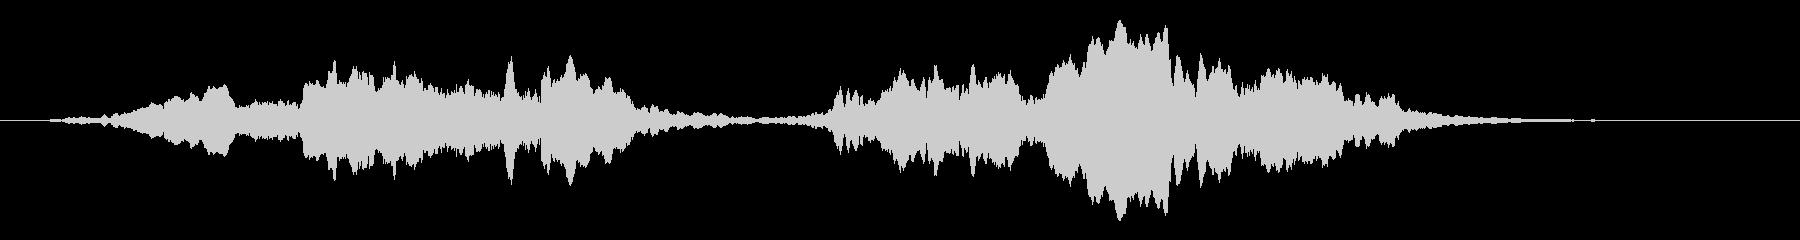 キヒィ~(バイオリンでハロウィン効果音)の未再生の波形